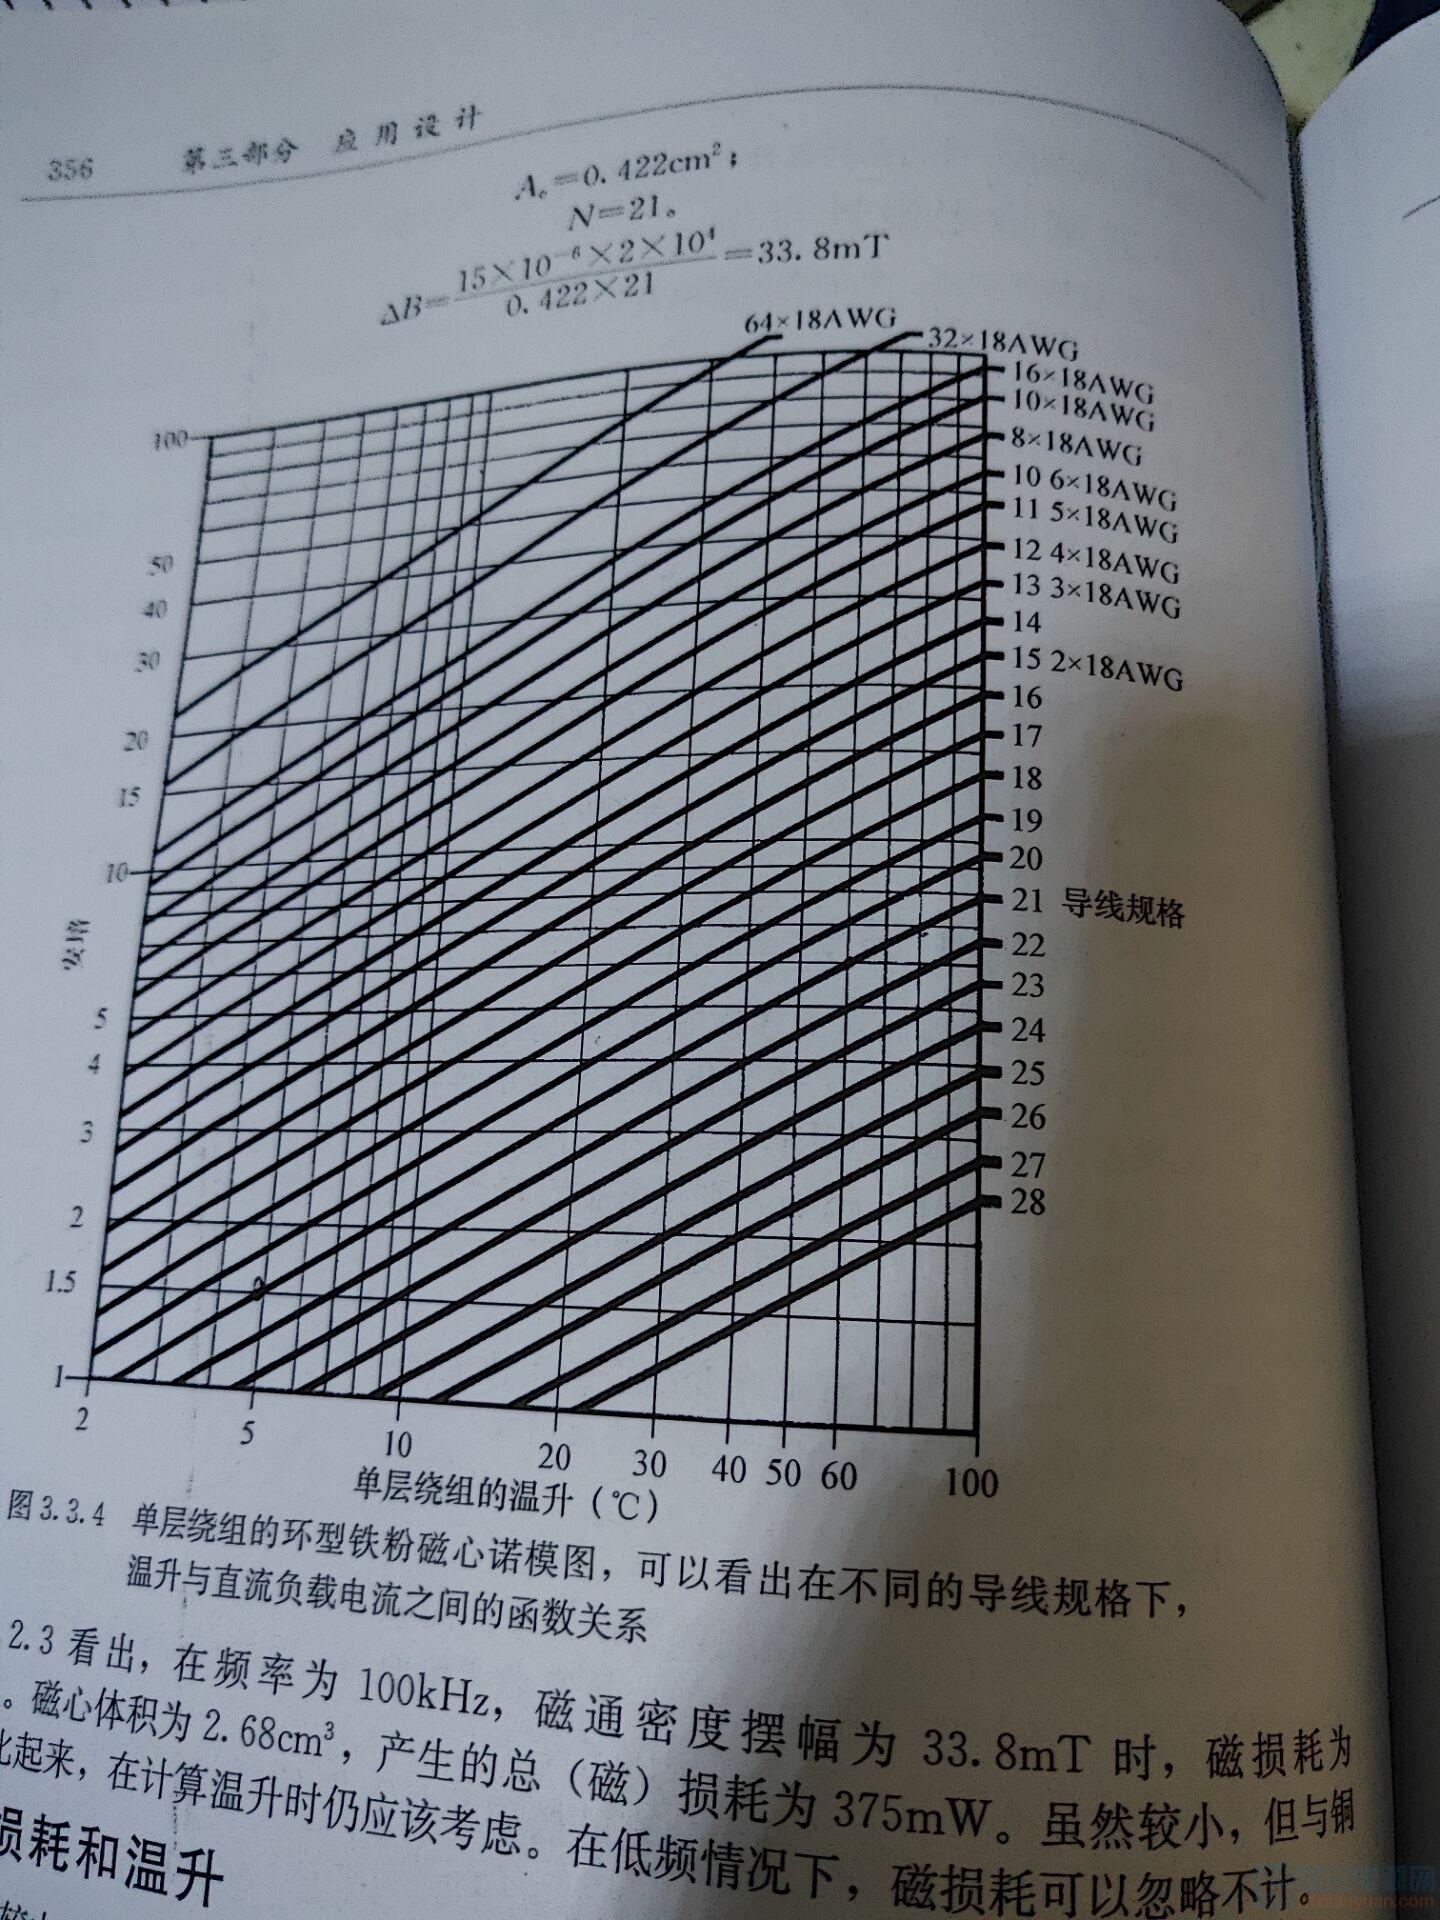 8MXZU2PJ{3{5CL_VWNLGR~8.jpg